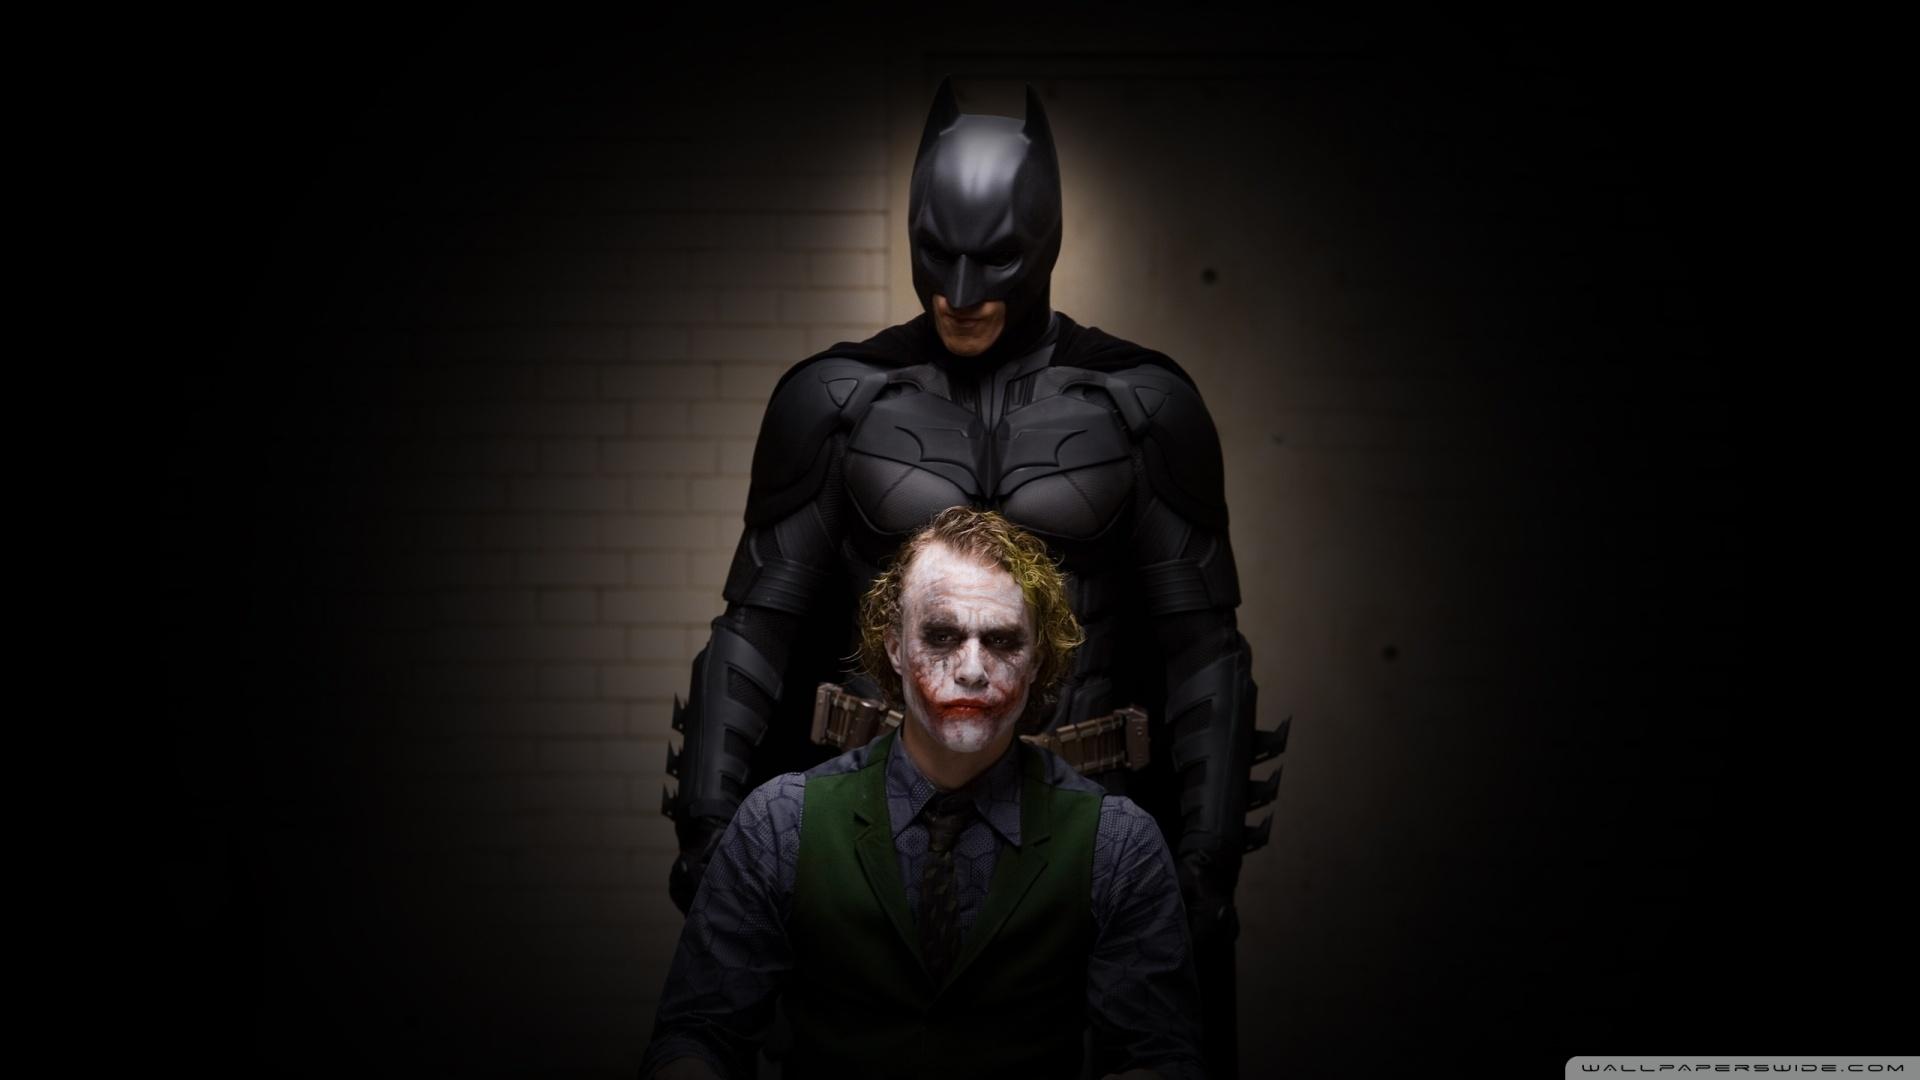 46 Joker And Batman Wallpaper On Wallpapersafari